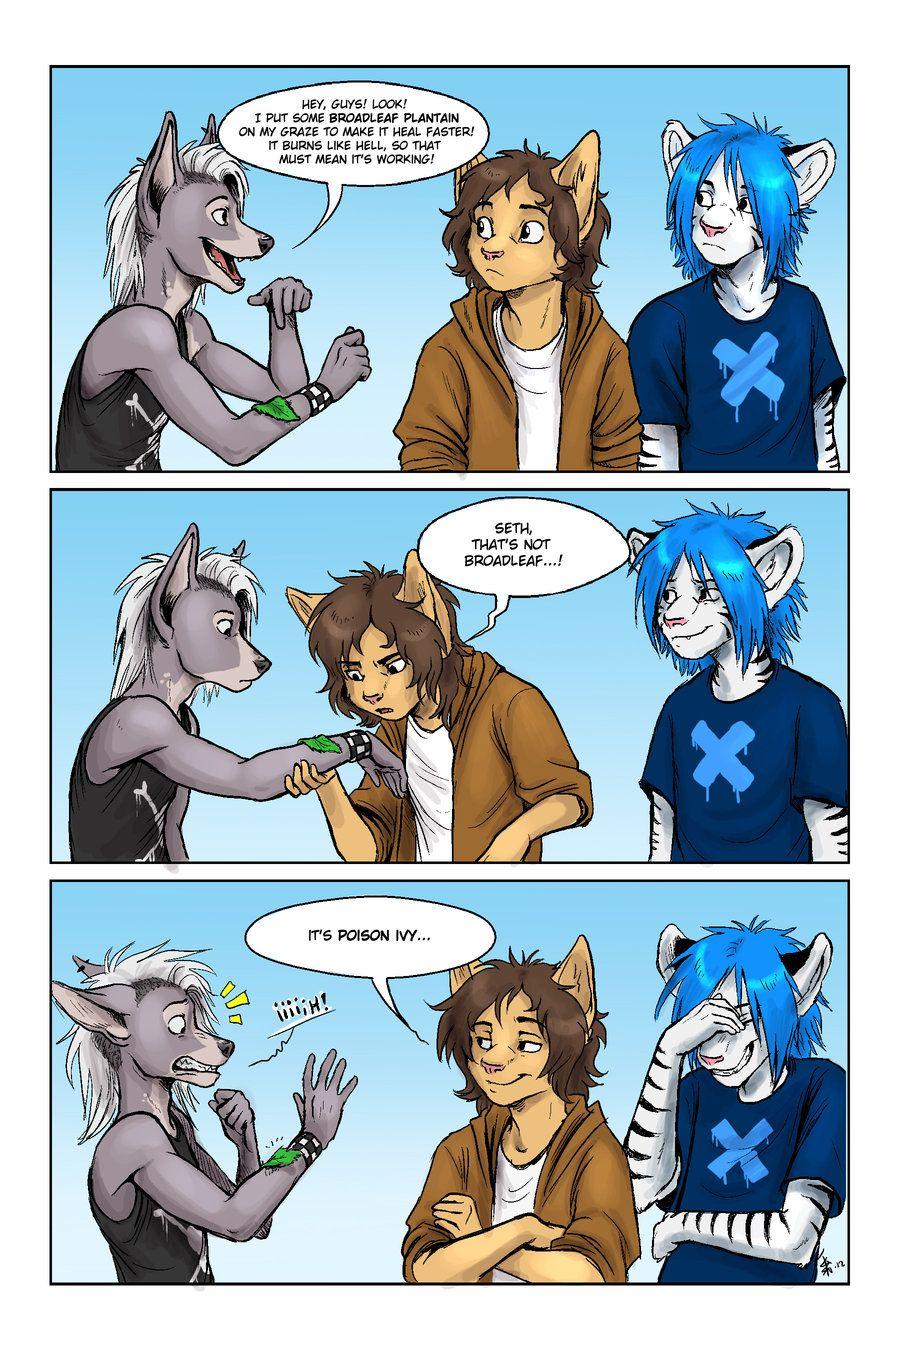 furry toon comics